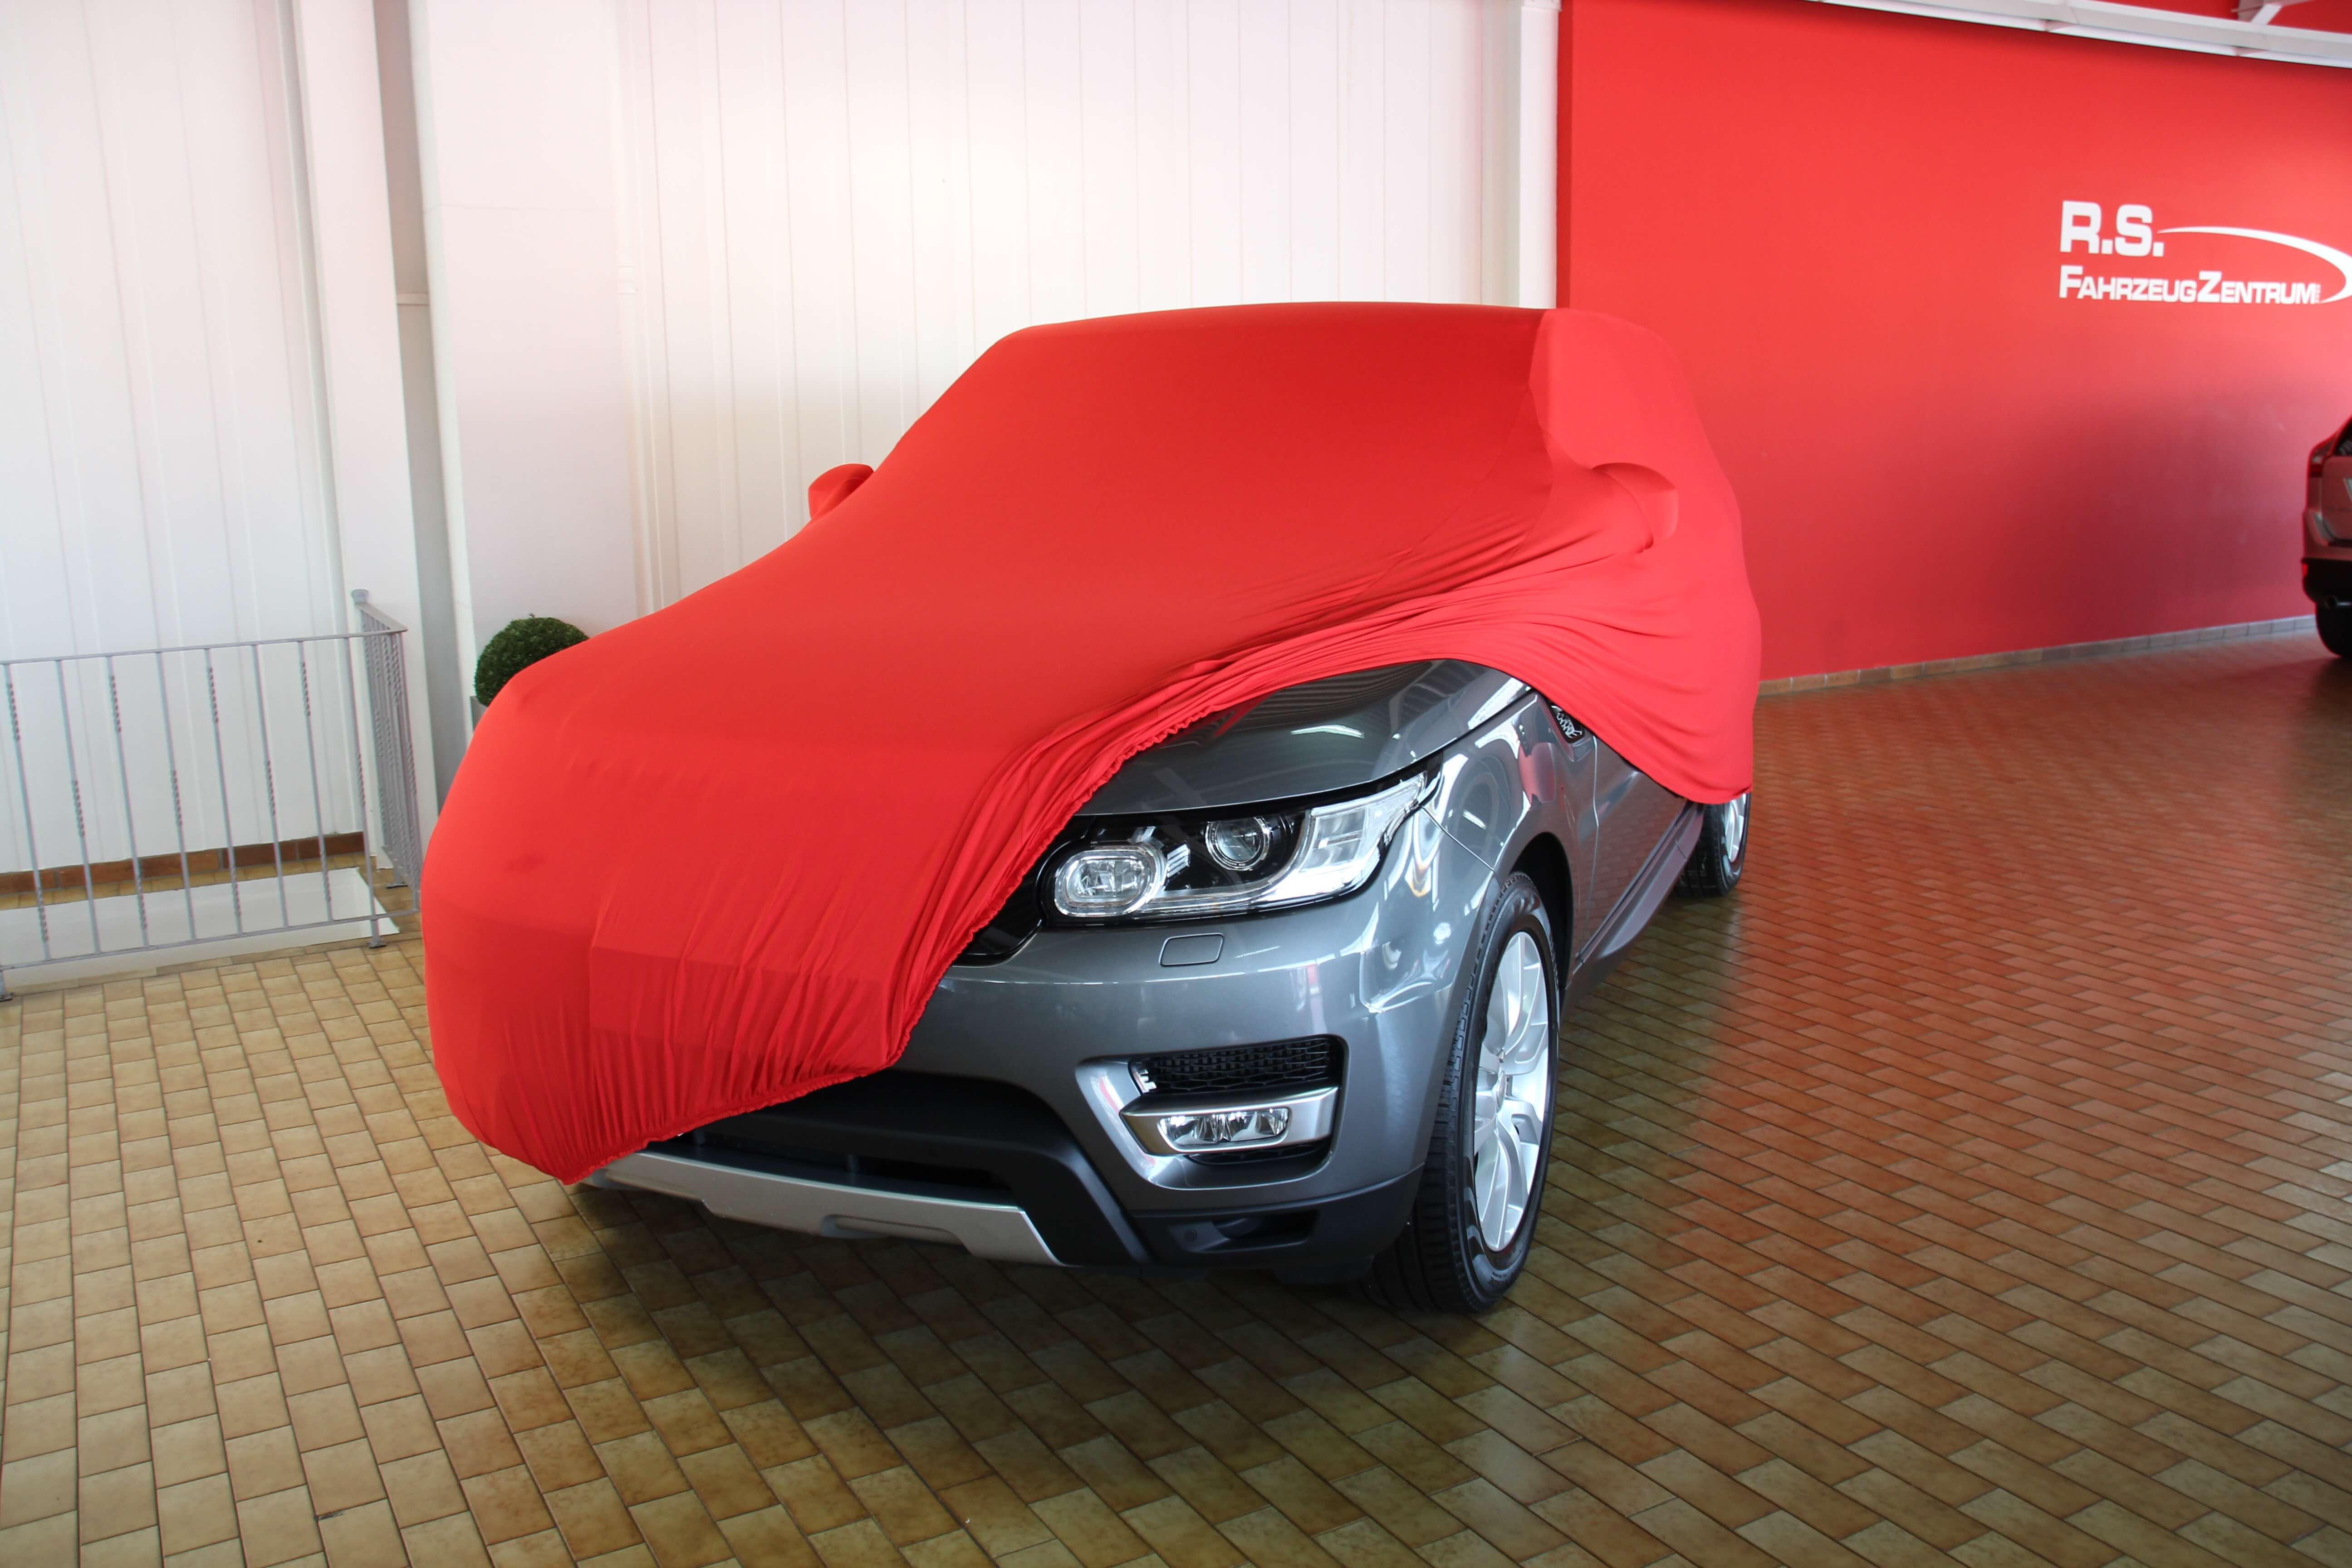 Dieses wunderschöne, zeitlose Car Cover ist besonders robust und schützt ihren Wagen zuverlässig!